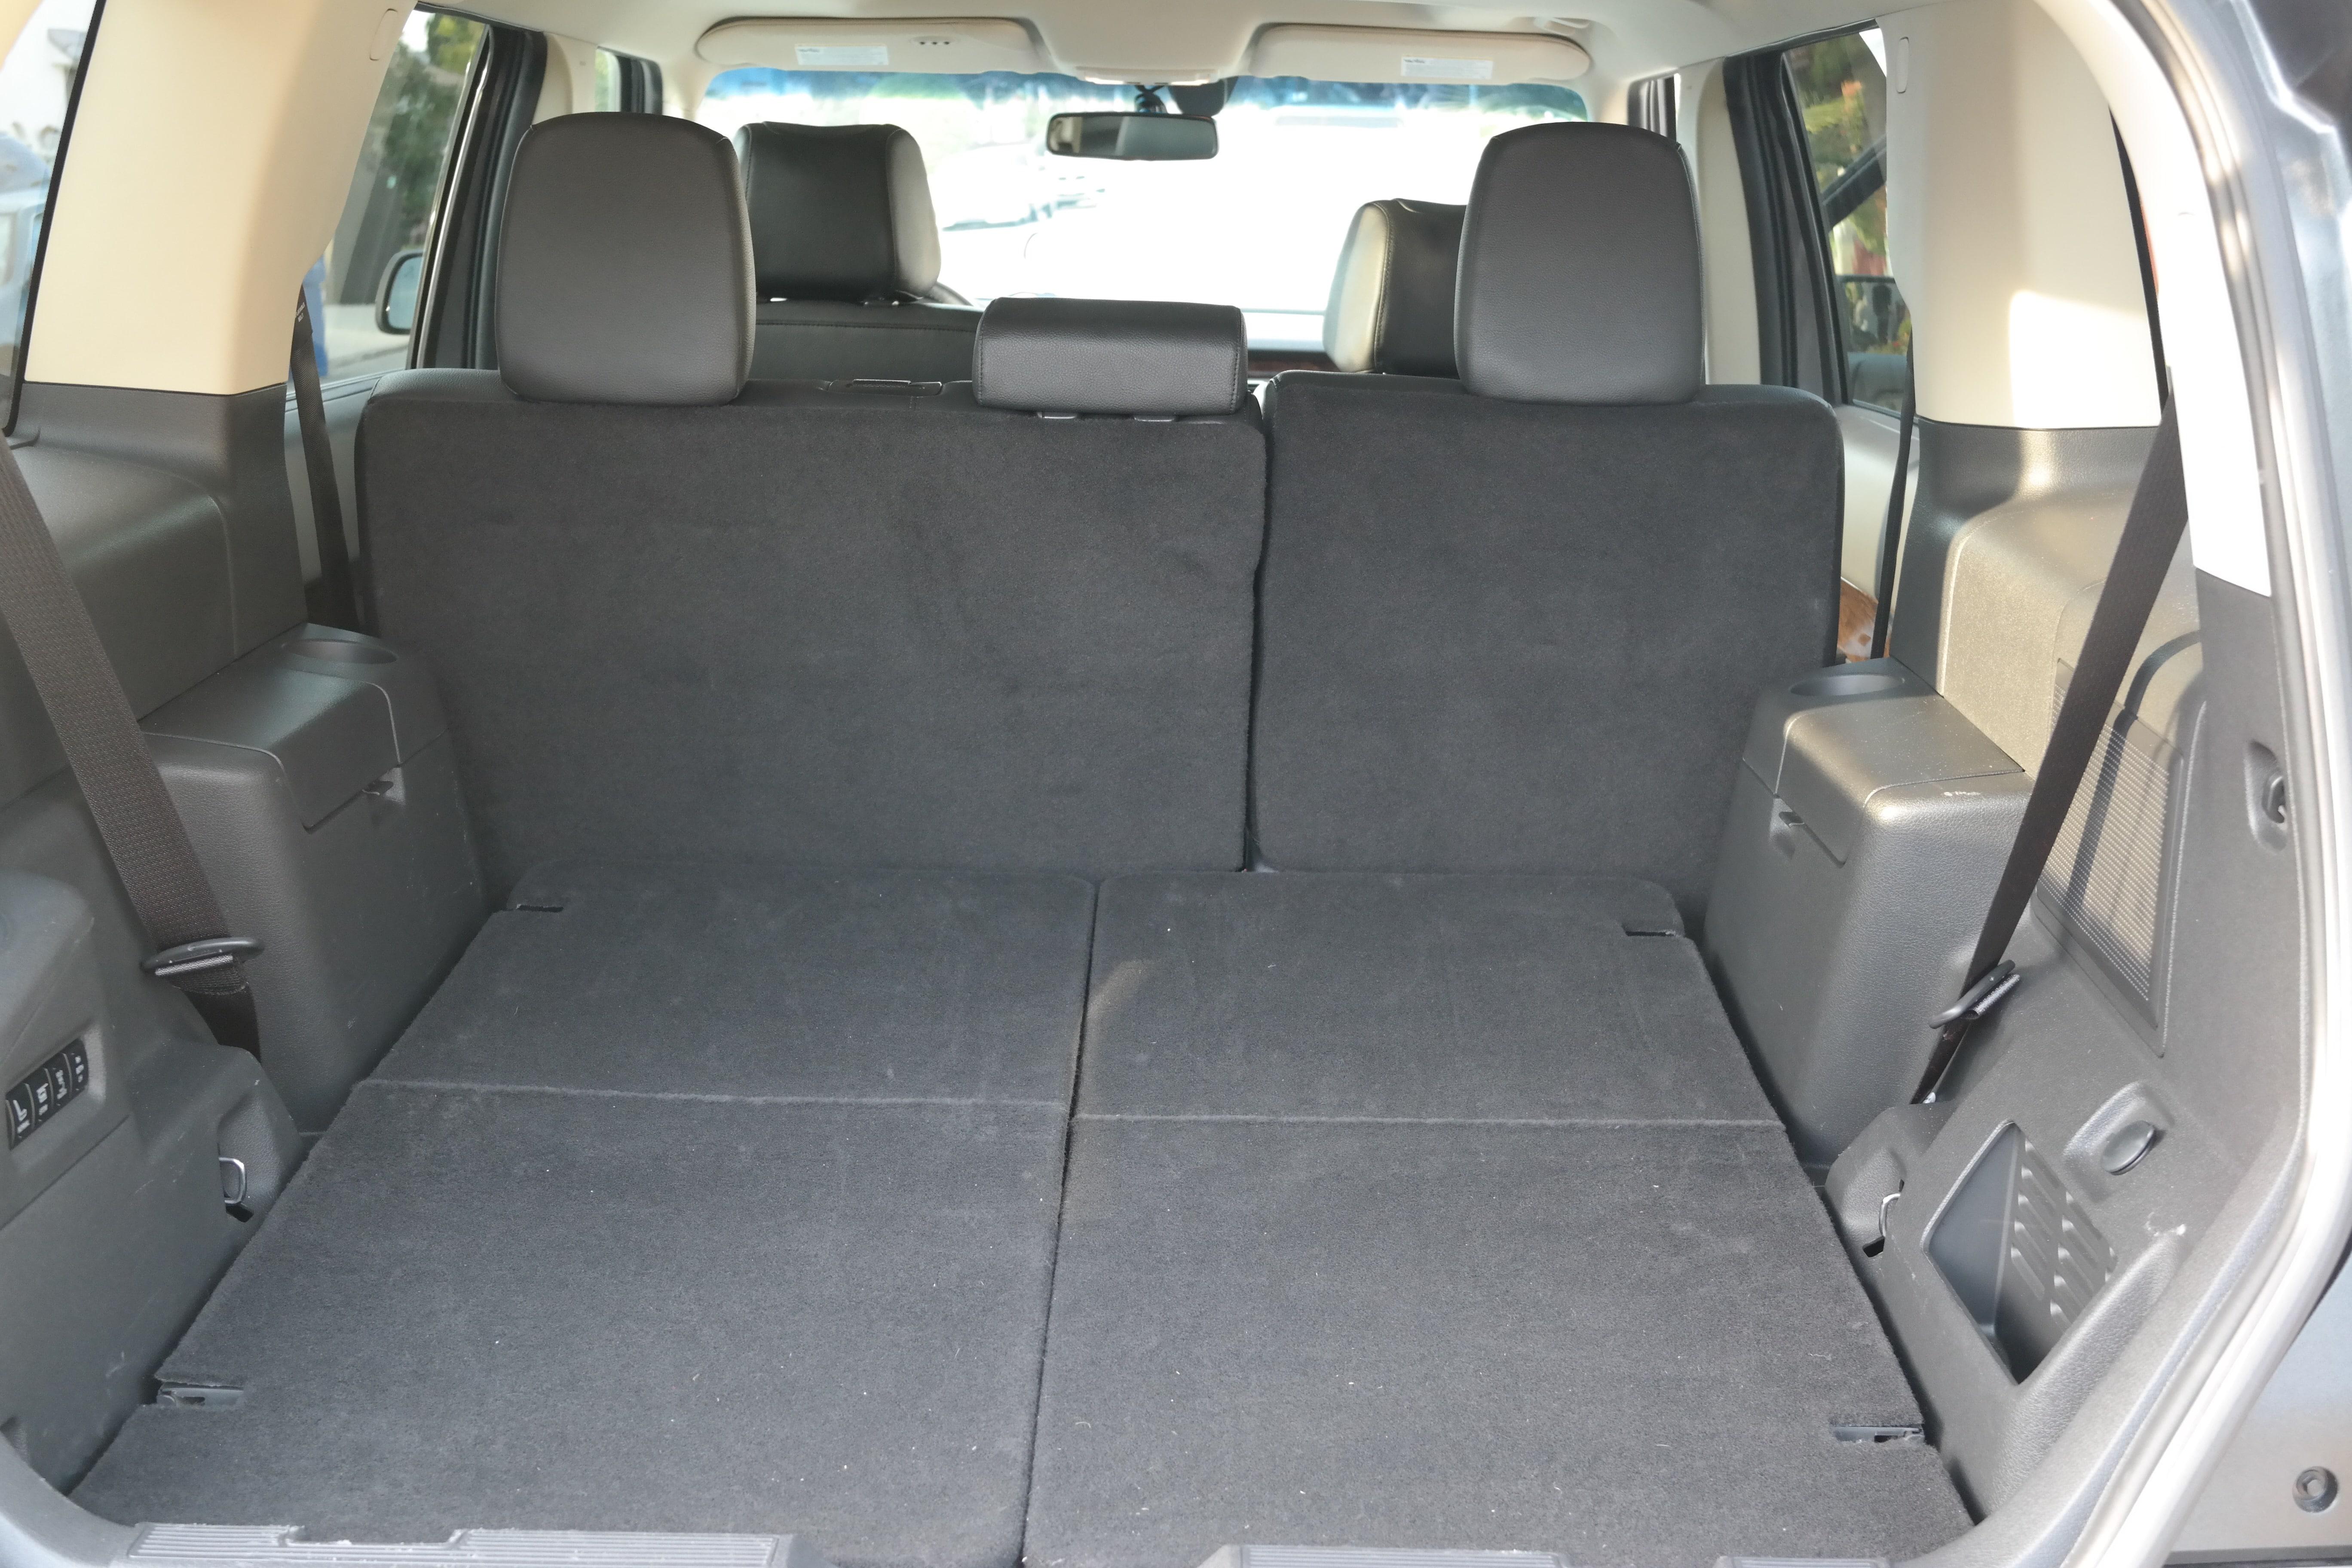 Ford Flex trunk empty